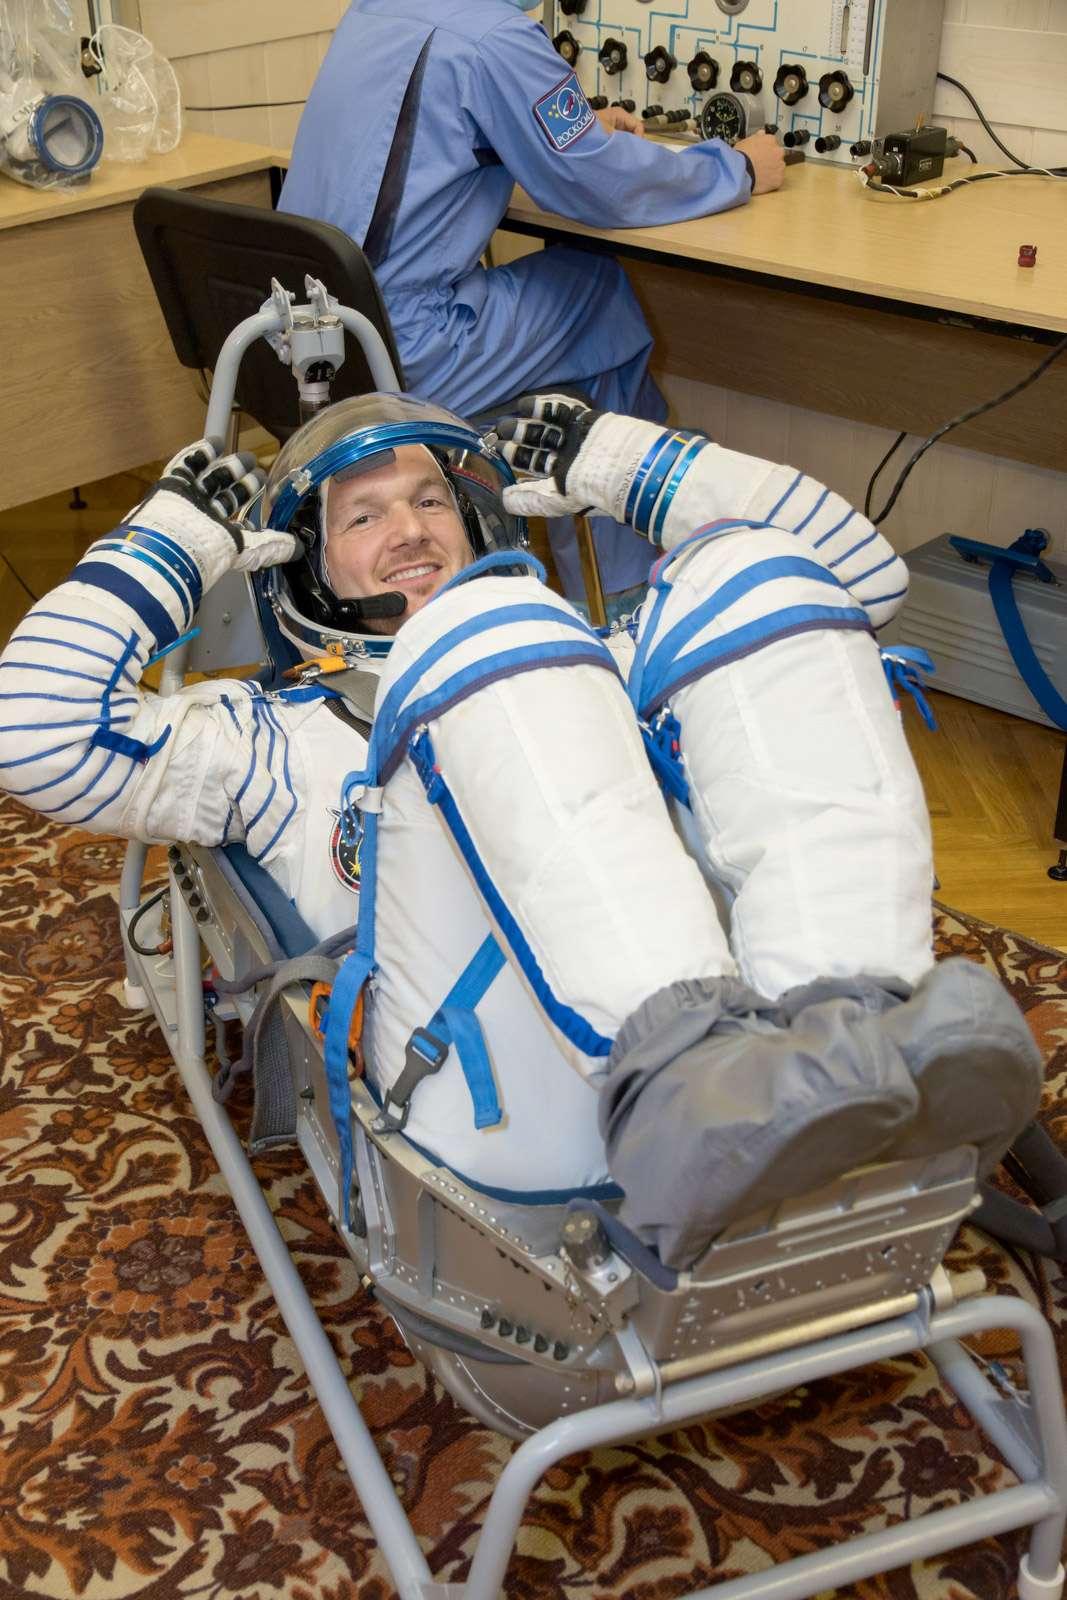 L'astronaute européen, de nationalité allemande, Alexander Gerst, teste son siège du module Soyouz. Le fauteuil est moulé aux formes de l'astronaute pour l'aider à résister aux accélérations. © Victor Zelentsov, Nasa